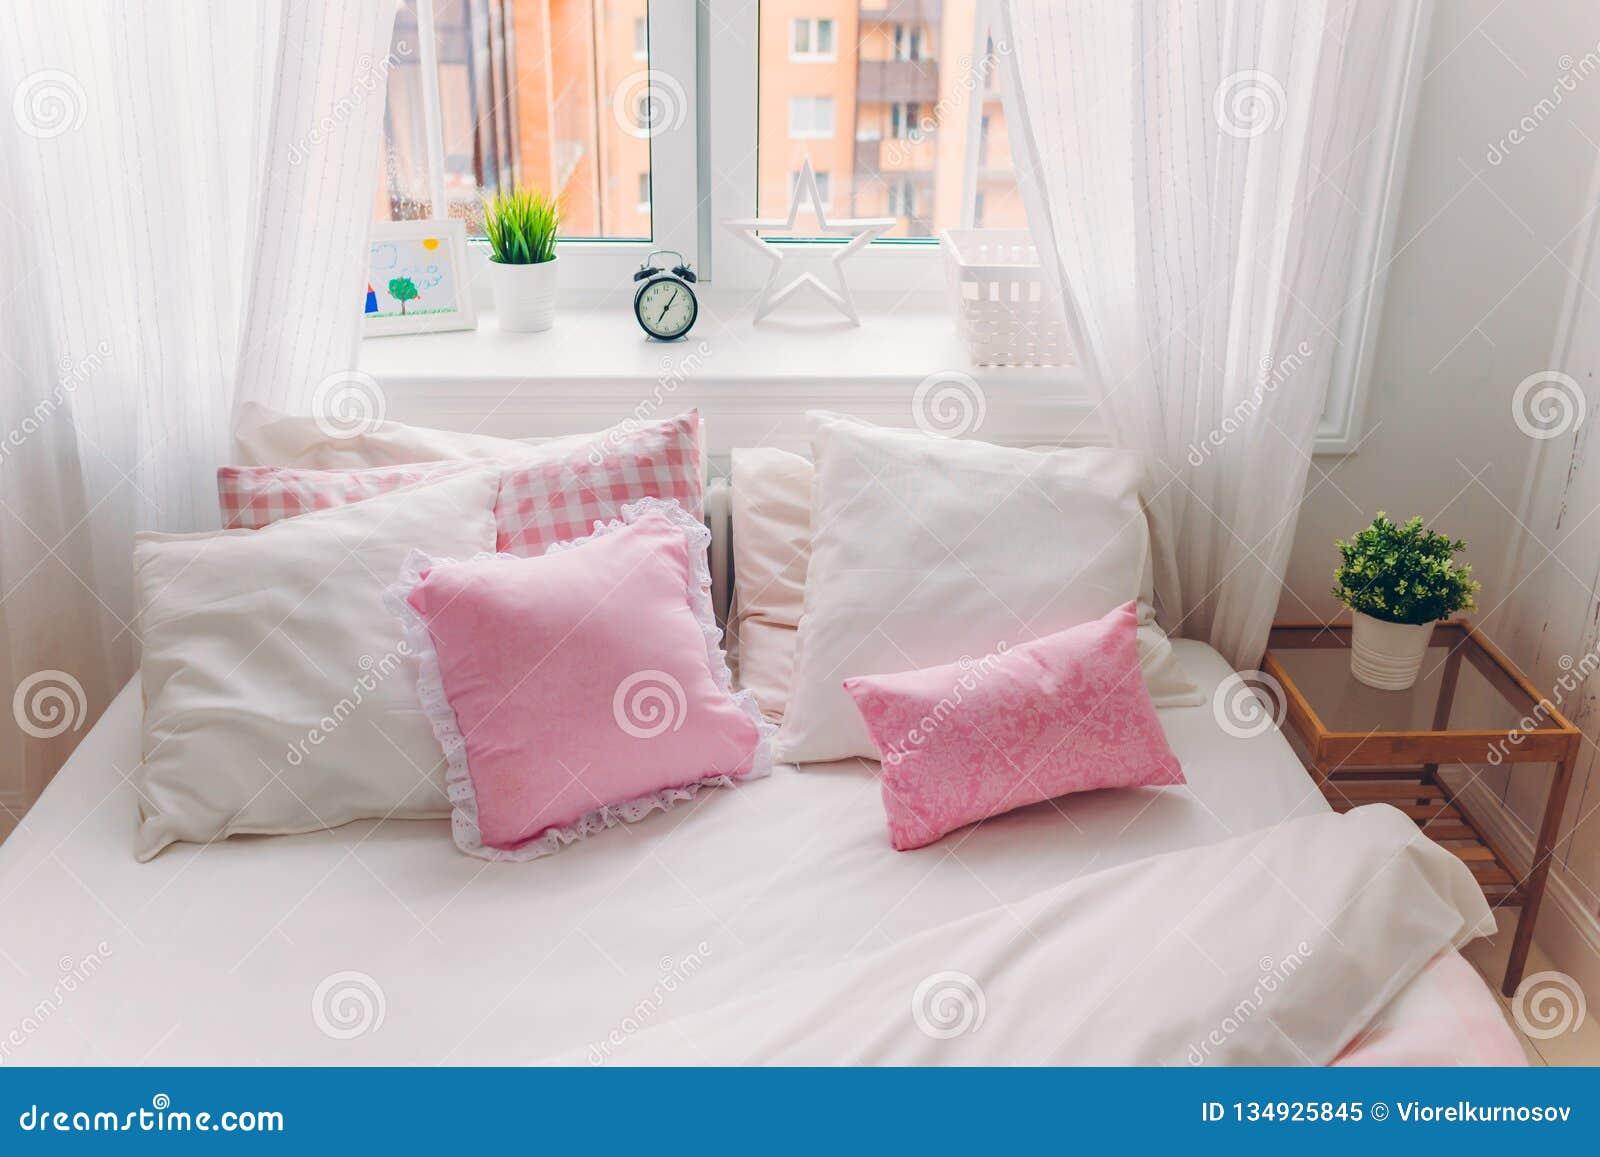 Horisontalskott av säng med vit sängkläder, mjuka kuddar, fönstret med den gröna växten, ringklockan och bilden, inga personer co